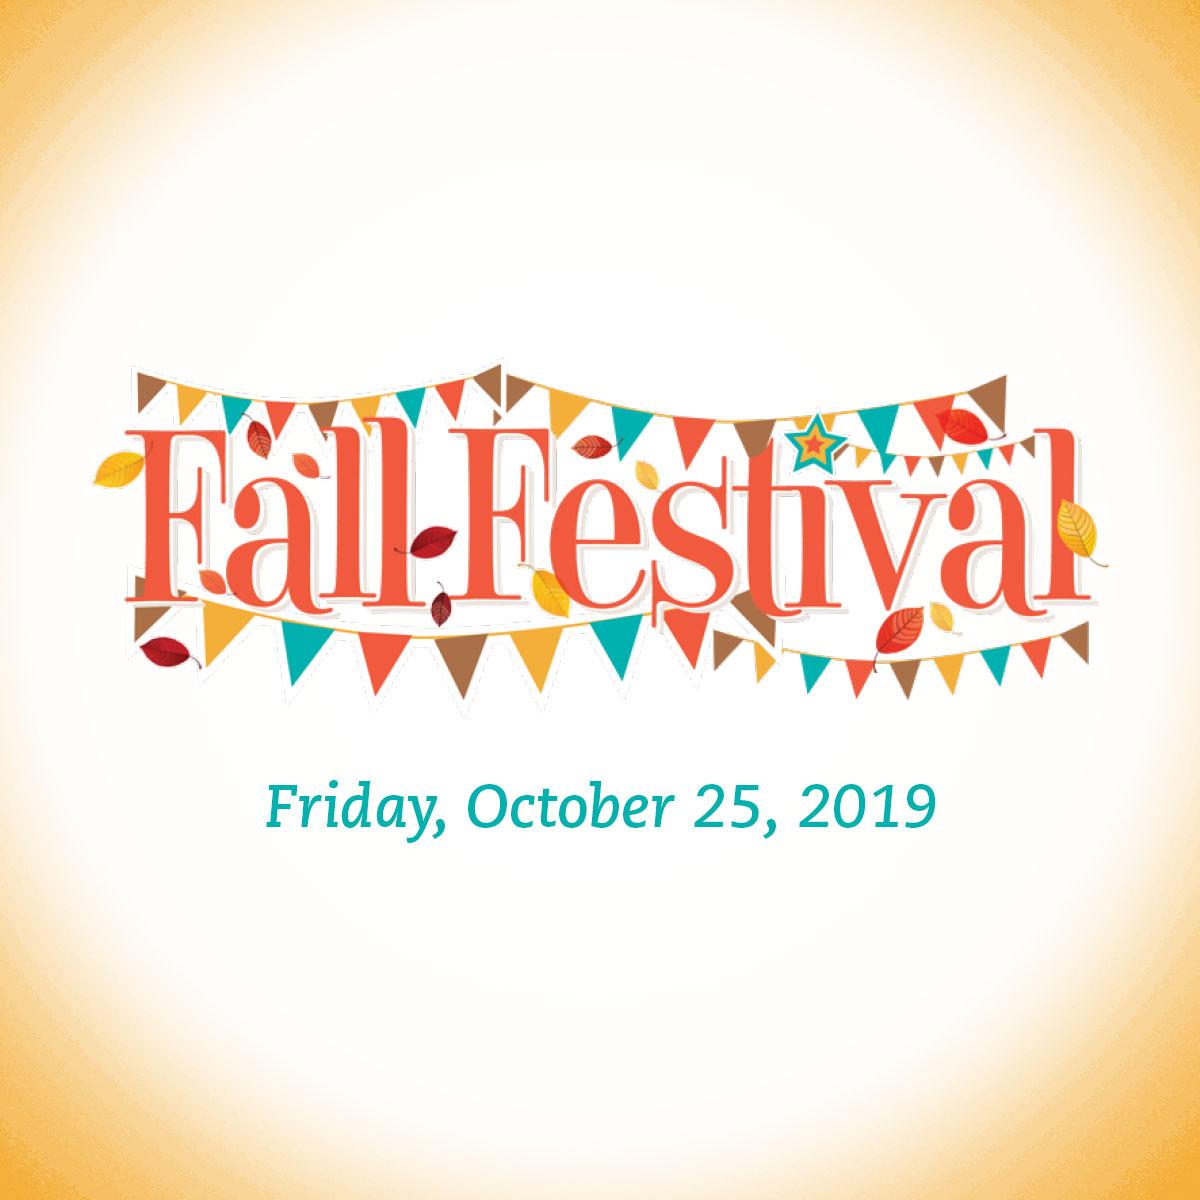 Fall Festival: Friday, October 25, 2019